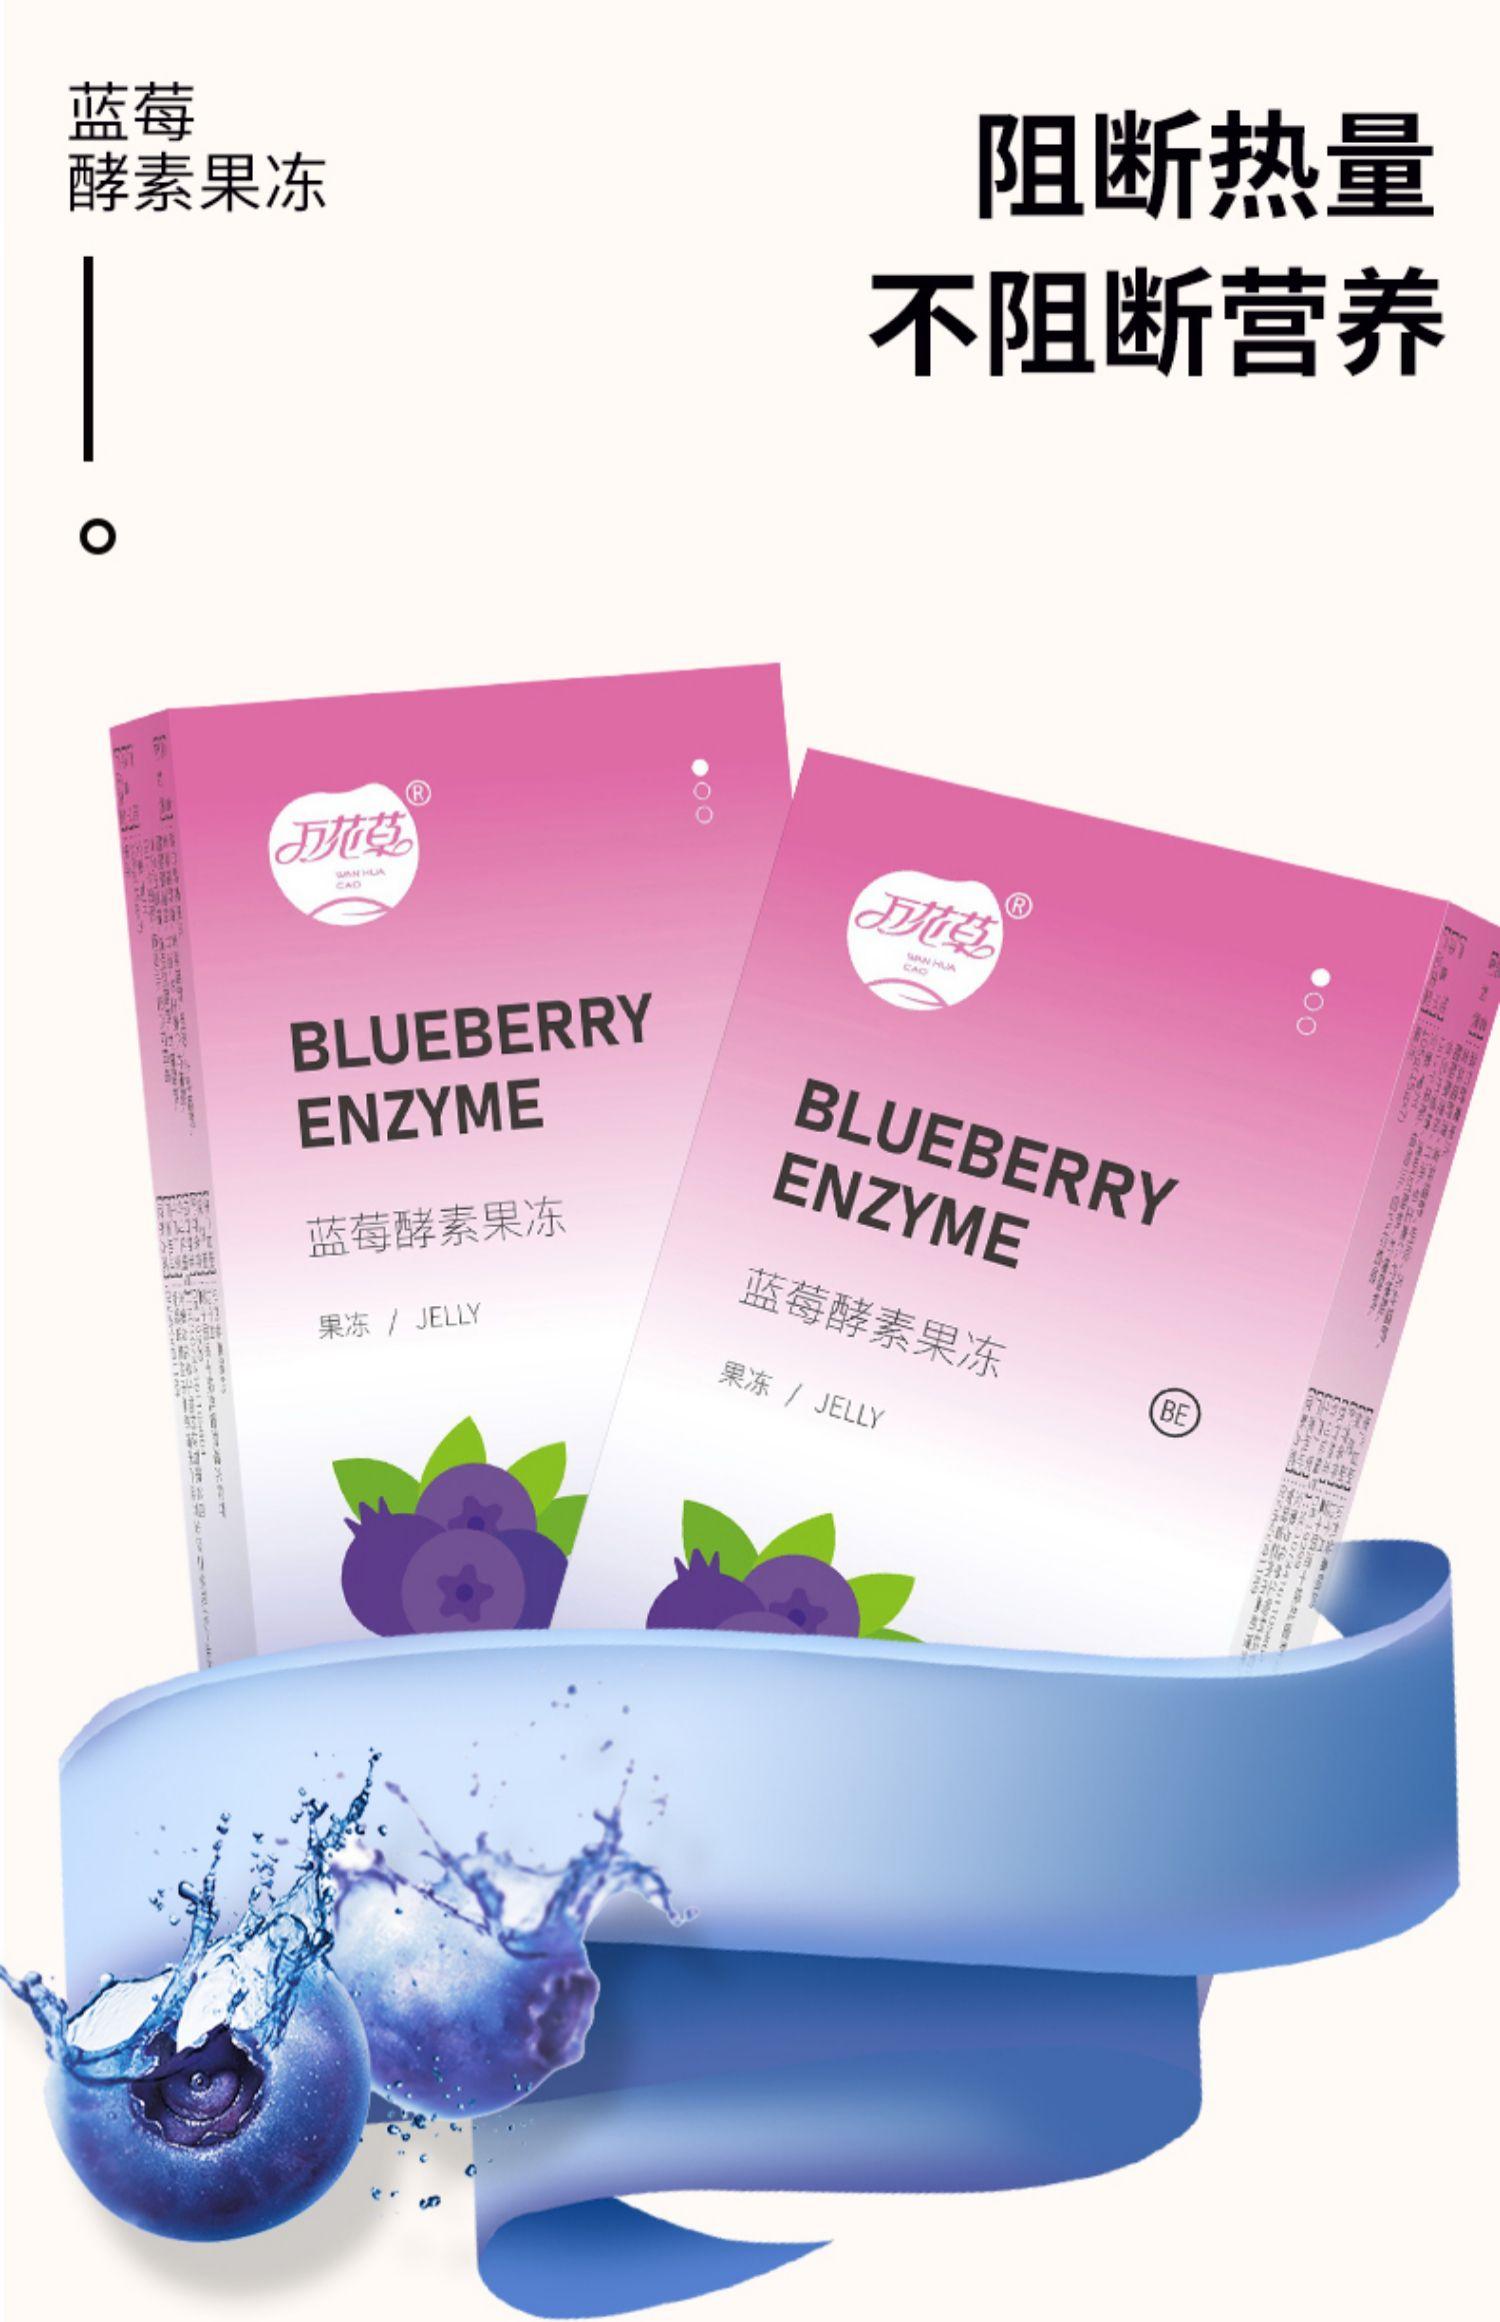 【万花草】益生元蓝莓酵素果冻7条4